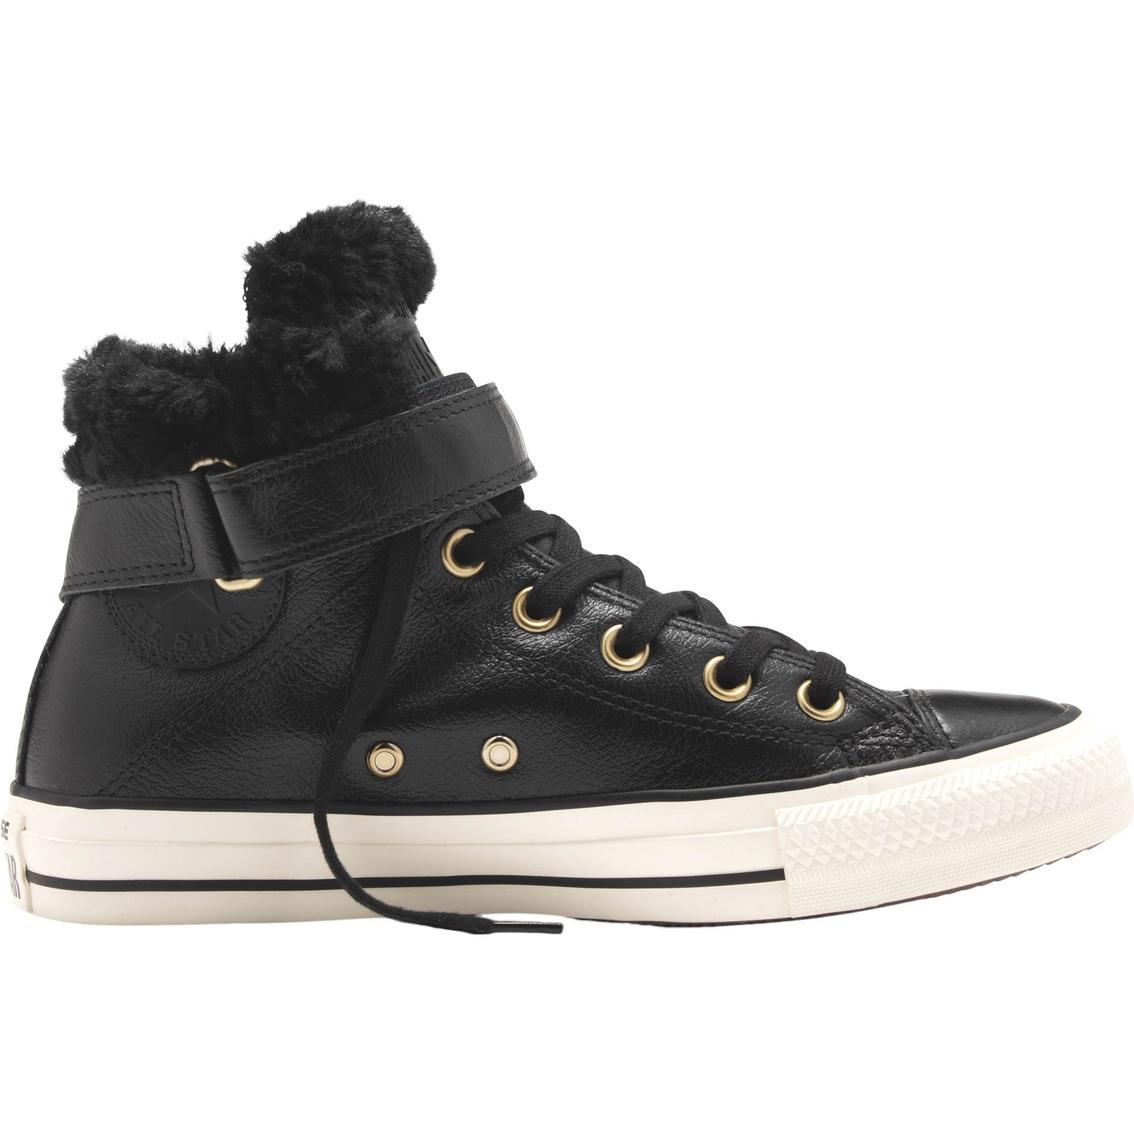 599e576f7fd4 Converse Chuck Taylor All Star Brea Hi Sneakers